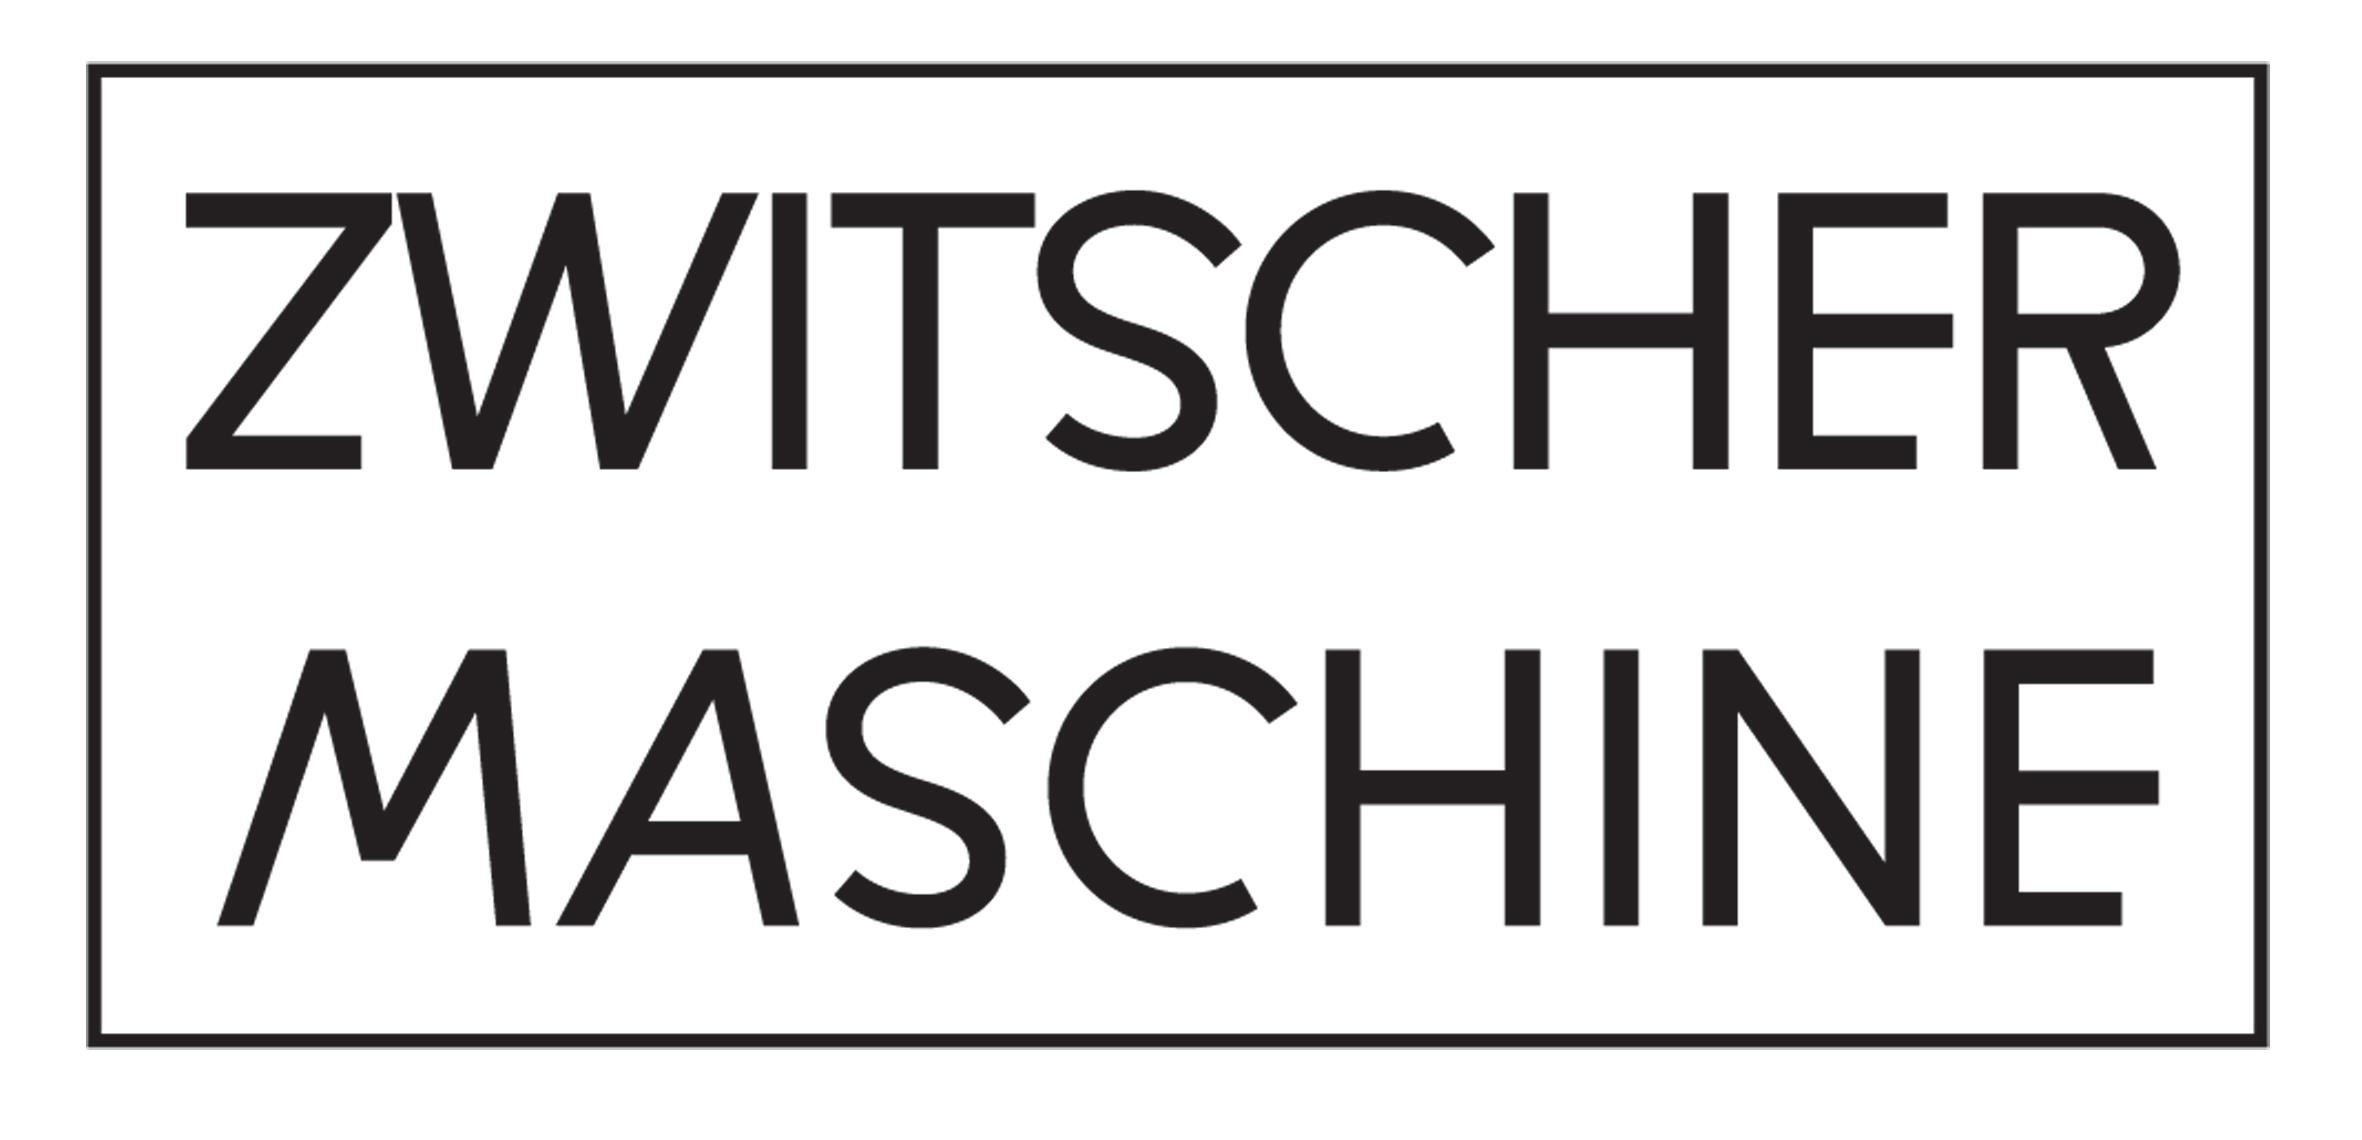 zwitschermaschine_logo